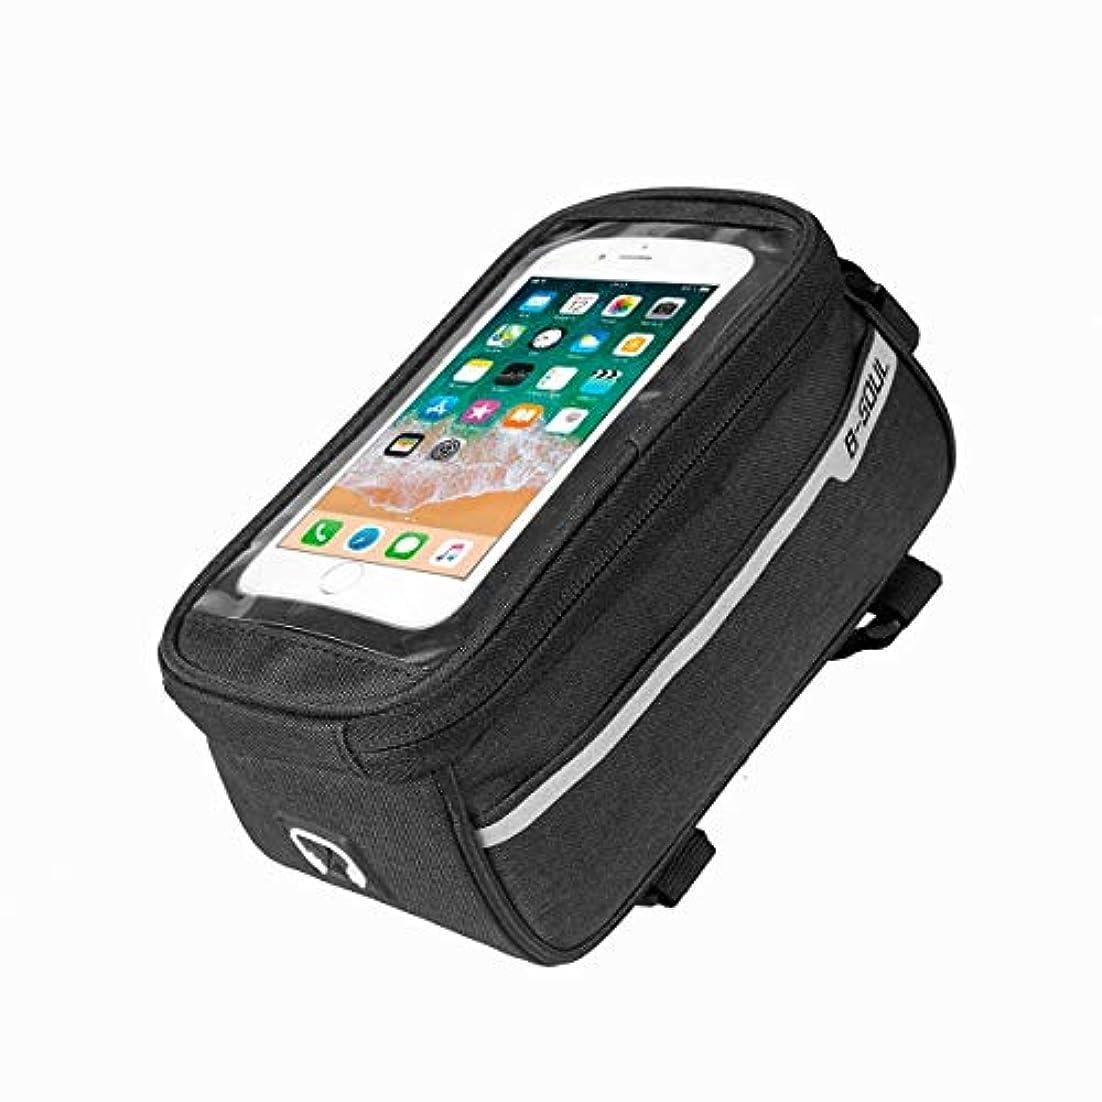 プログラム閲覧する愛撫バイクフレーム収納バッグ、CUGLB 6.0インチ以下の携帯電話に適した、防水高感度タッチスクリーンサイクリングフロントチューブハンドルバーバッグ